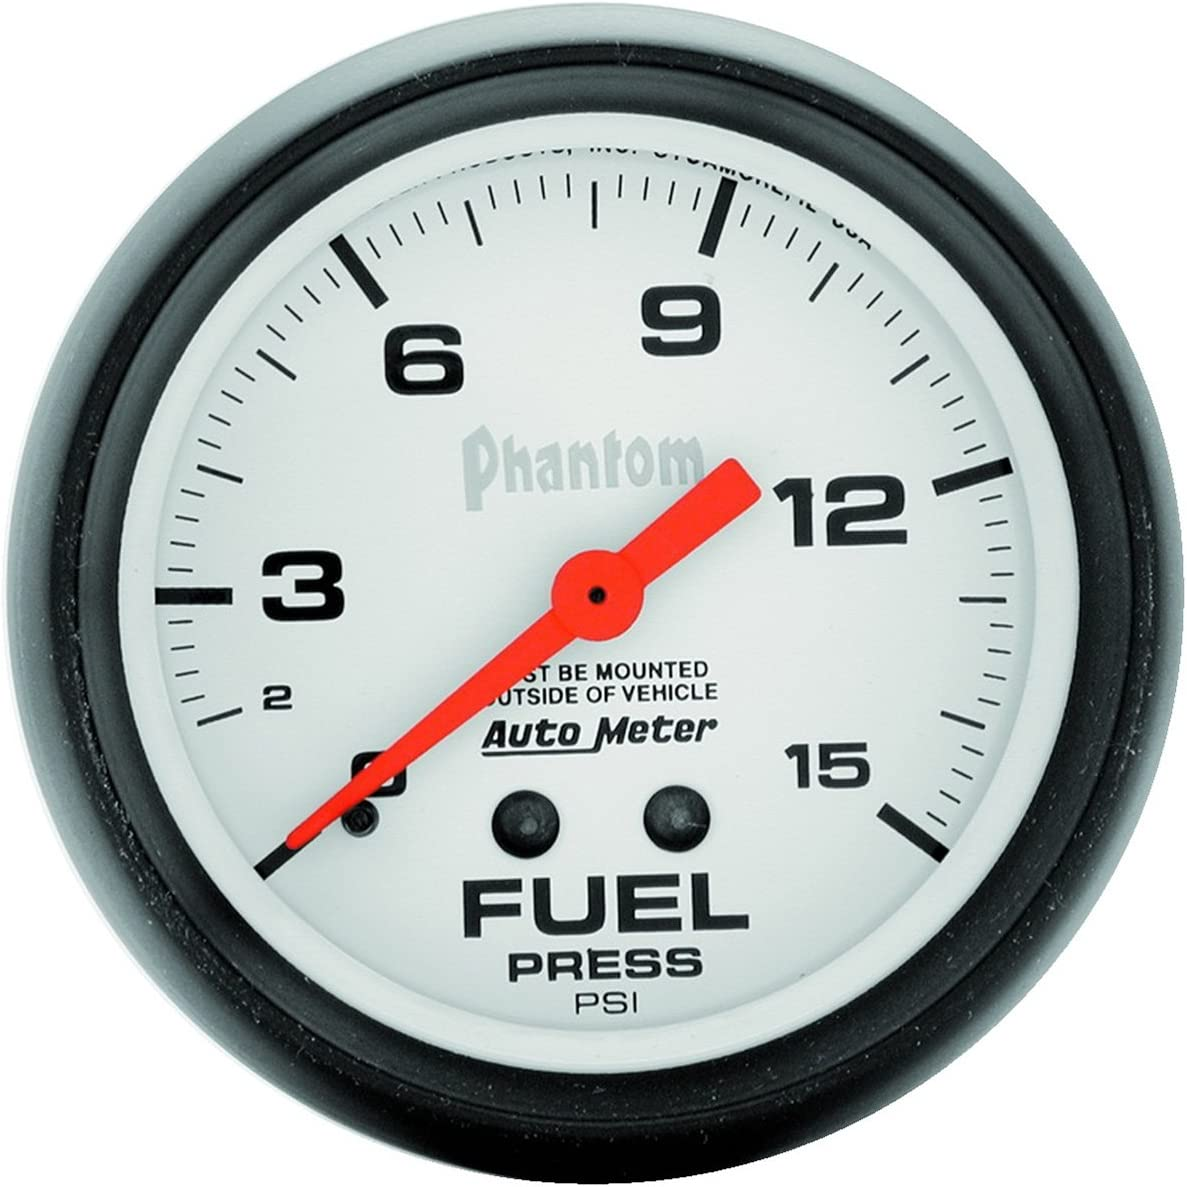 Auto Meter 5810 Mechanical Fuel Pressure Gauge